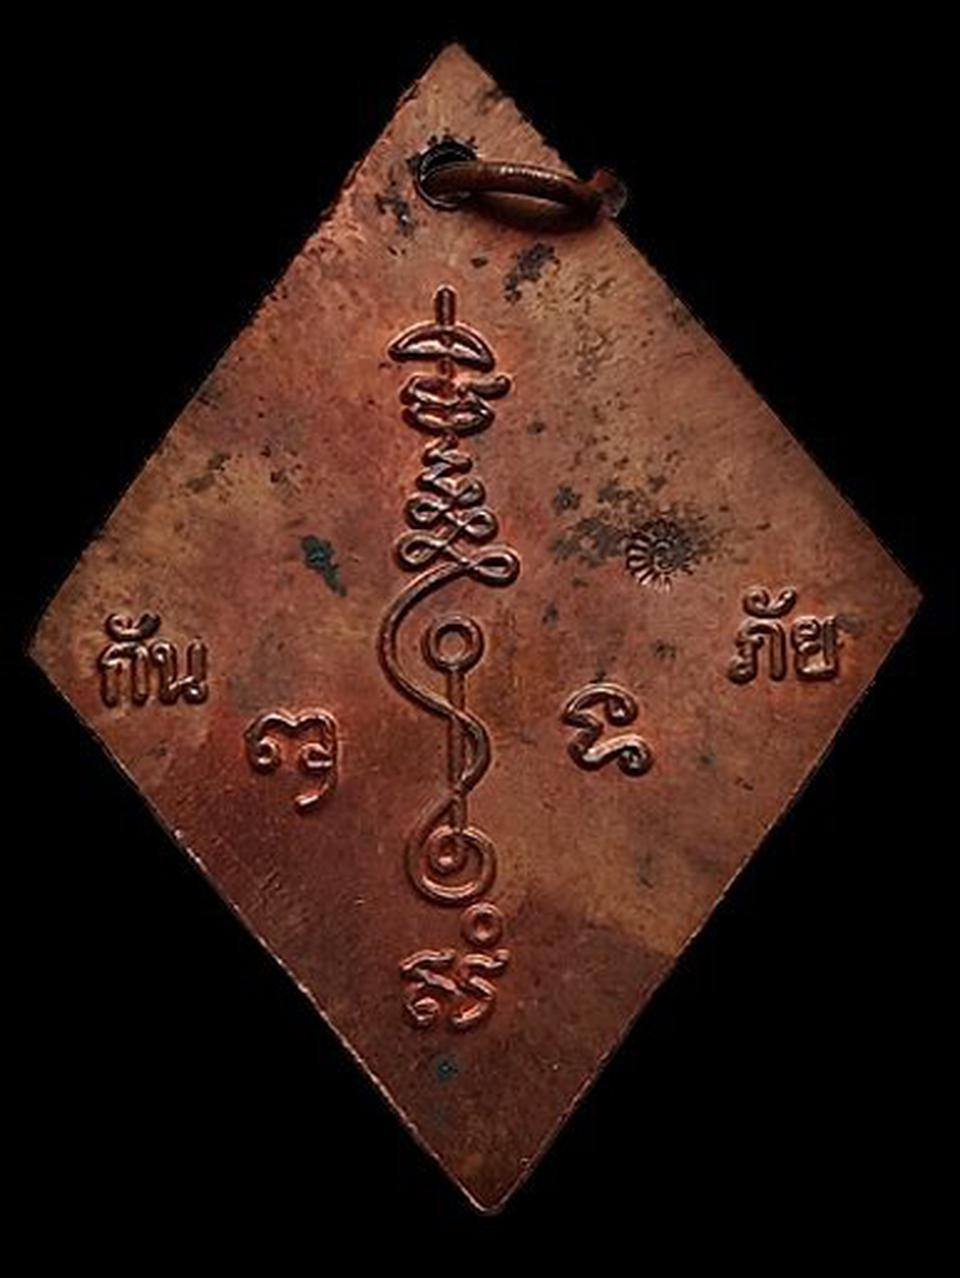 เหรียญหลวงปู่เอี่ยม วัดสะพานสูง รุ่นกันภัย-ปลุกเสกโดยหลวงพ่อรวย วัดตะโก ปี ๒๕๕๘  รูปที่ 2